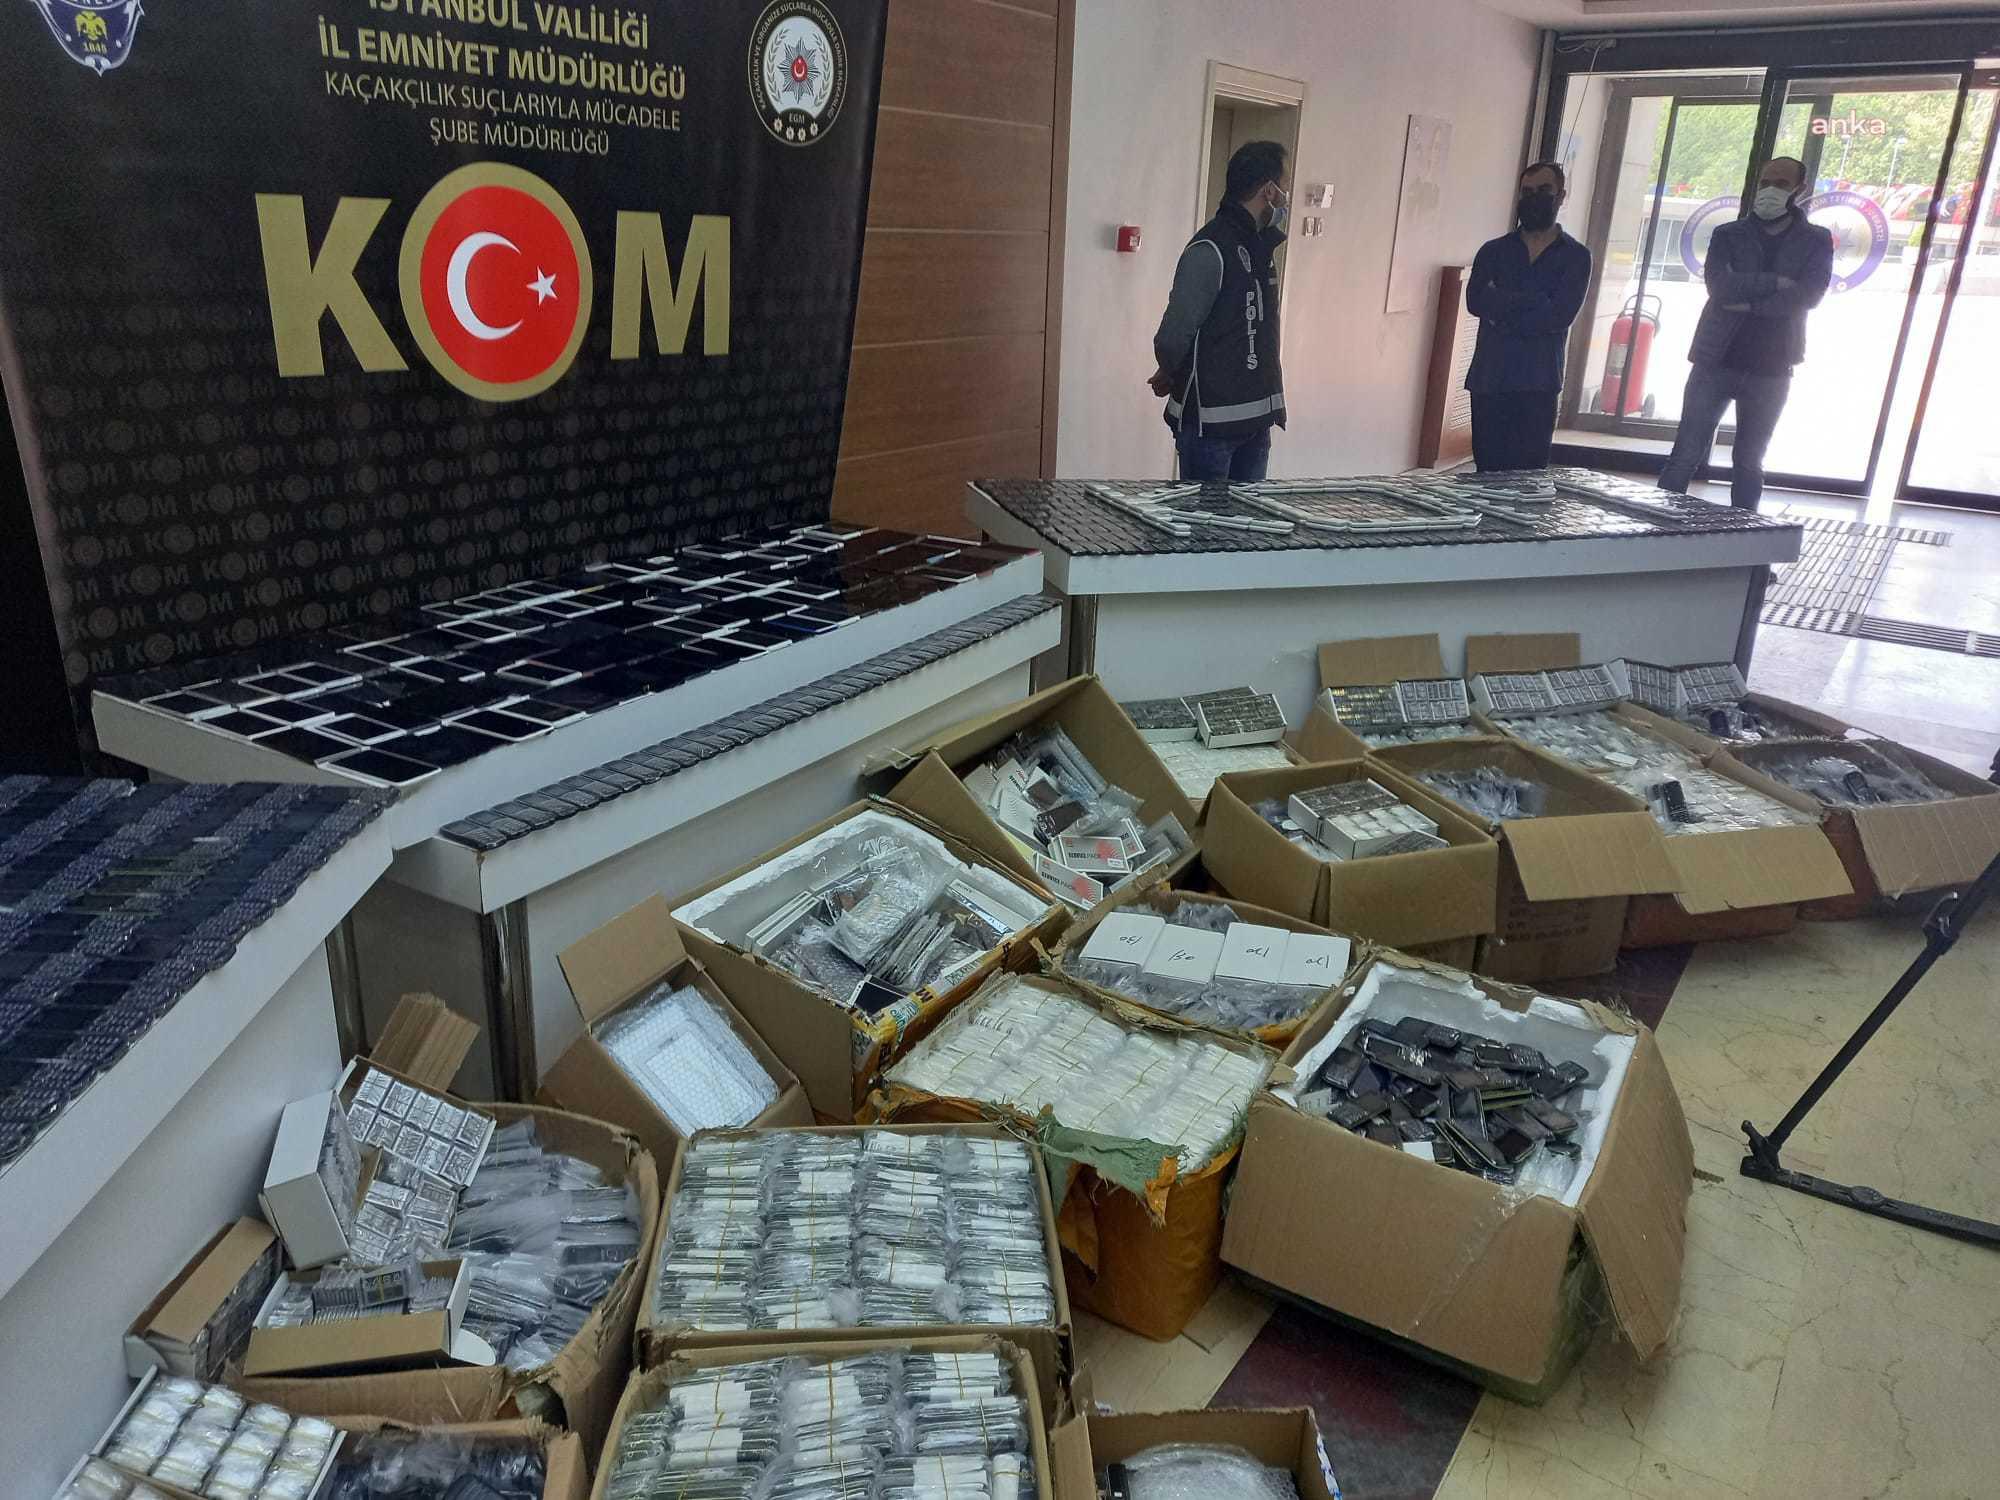 İstanbul'dan 10 bin 634 kaçak cep telefon ele geçirildi